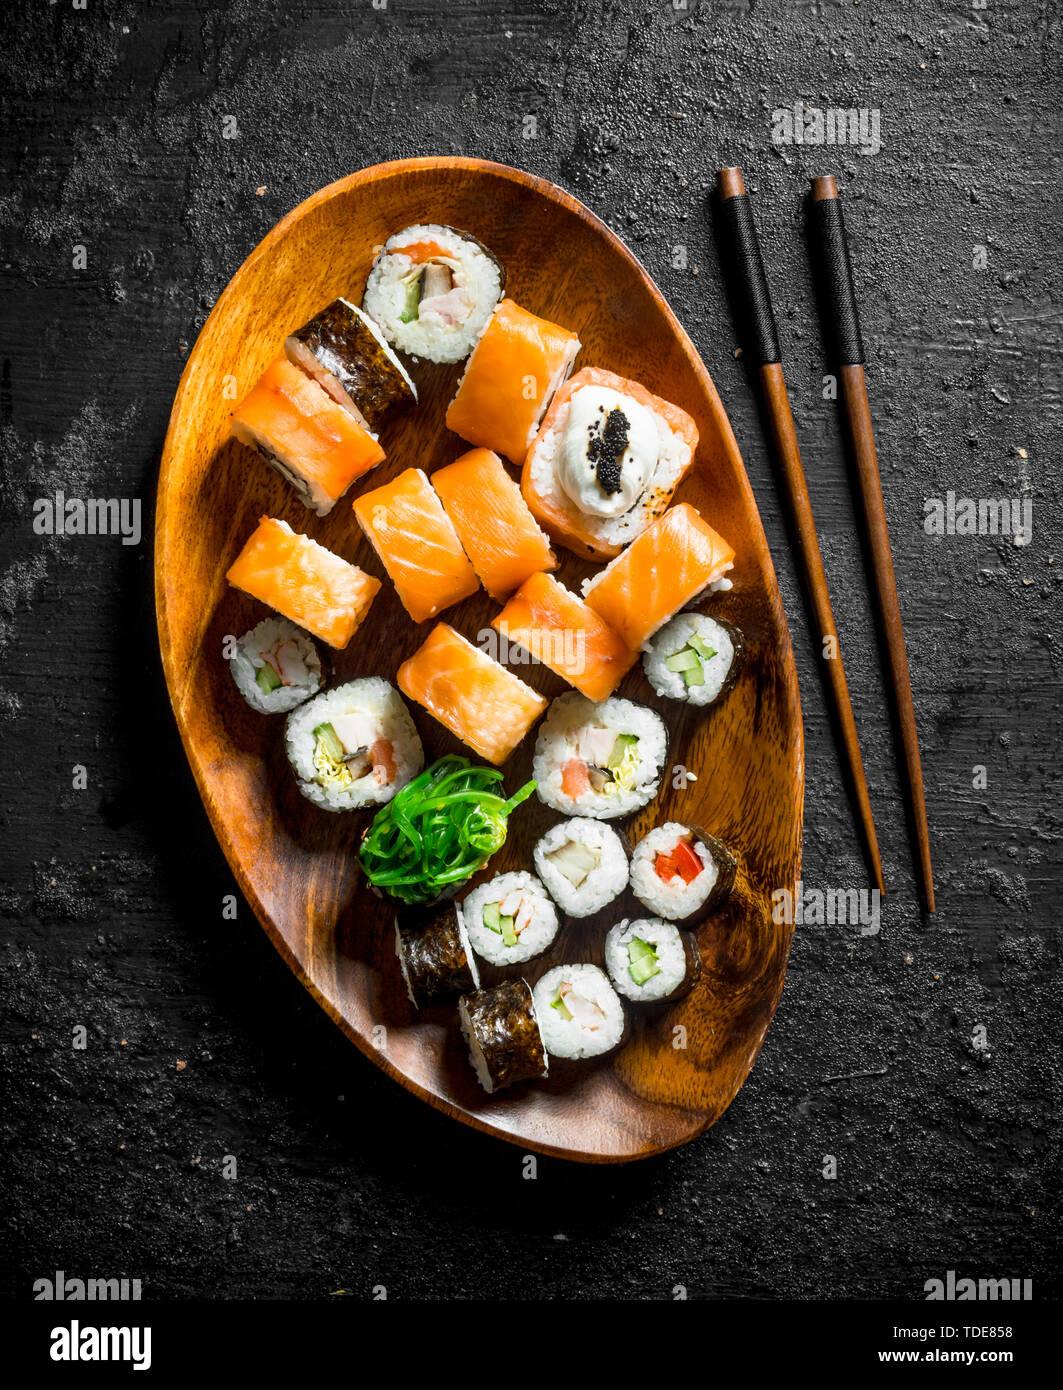 Différents rouleaux de sushi avec le saumon et les légumes sur une plaque de bois avec des baguettes. Noir sur fond rustique Banque D'Images